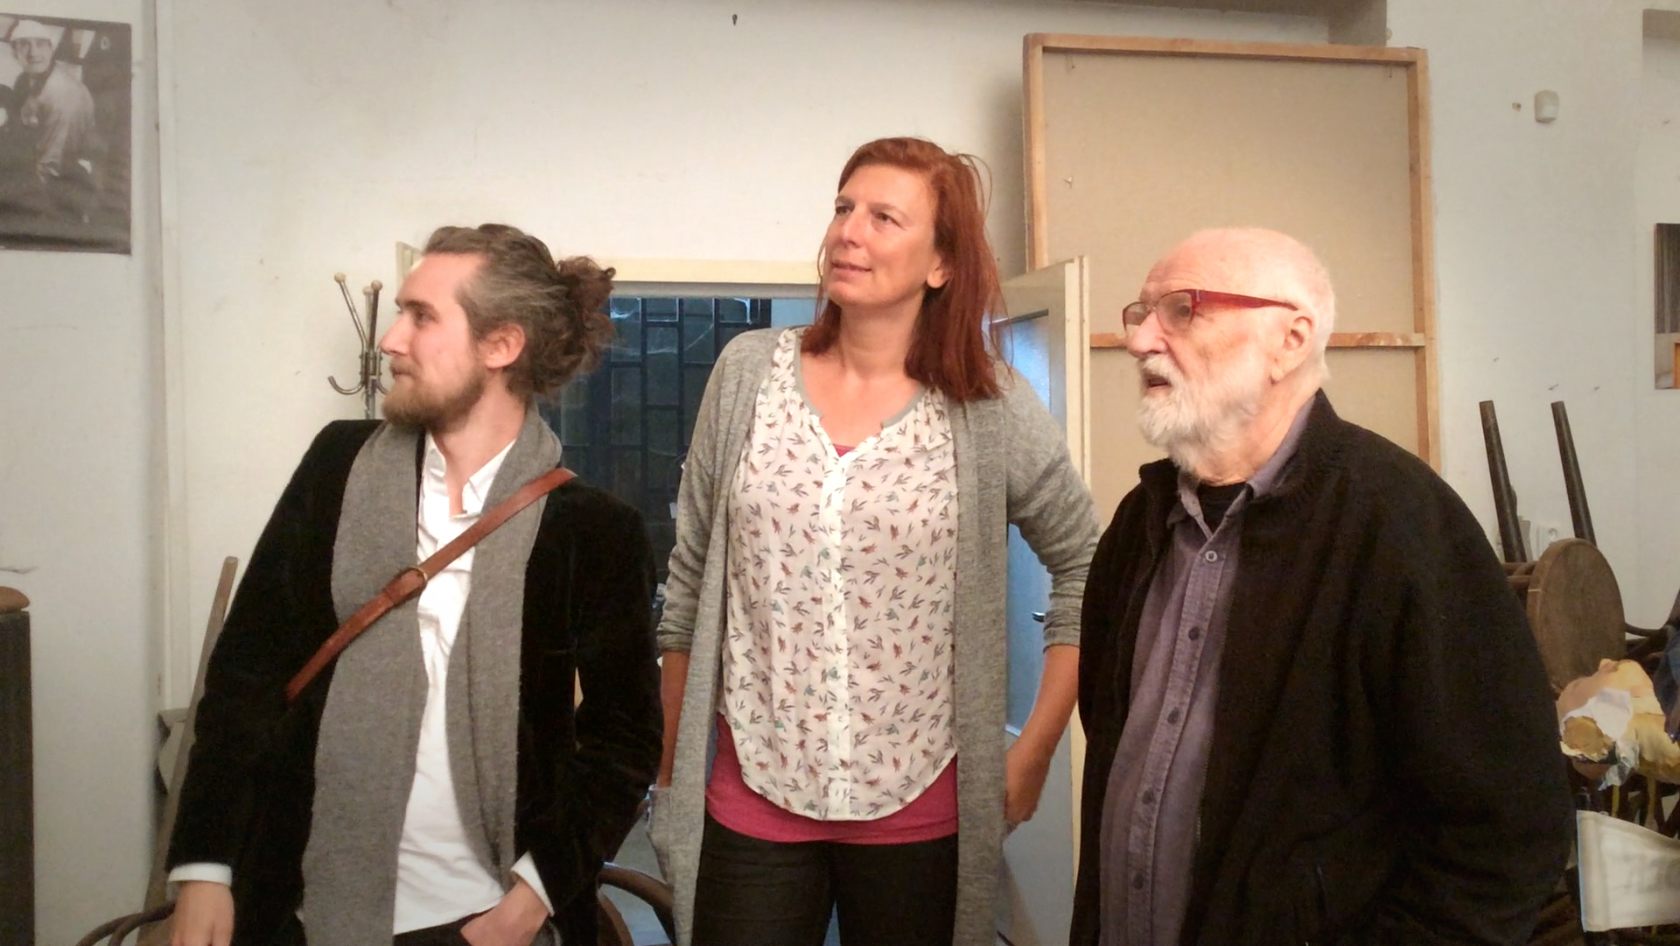 Joseph Wallace,Marketa Tom,  Jan Švankmajer. Photo courtesy of Takeshi Nagata &Kazue Monno